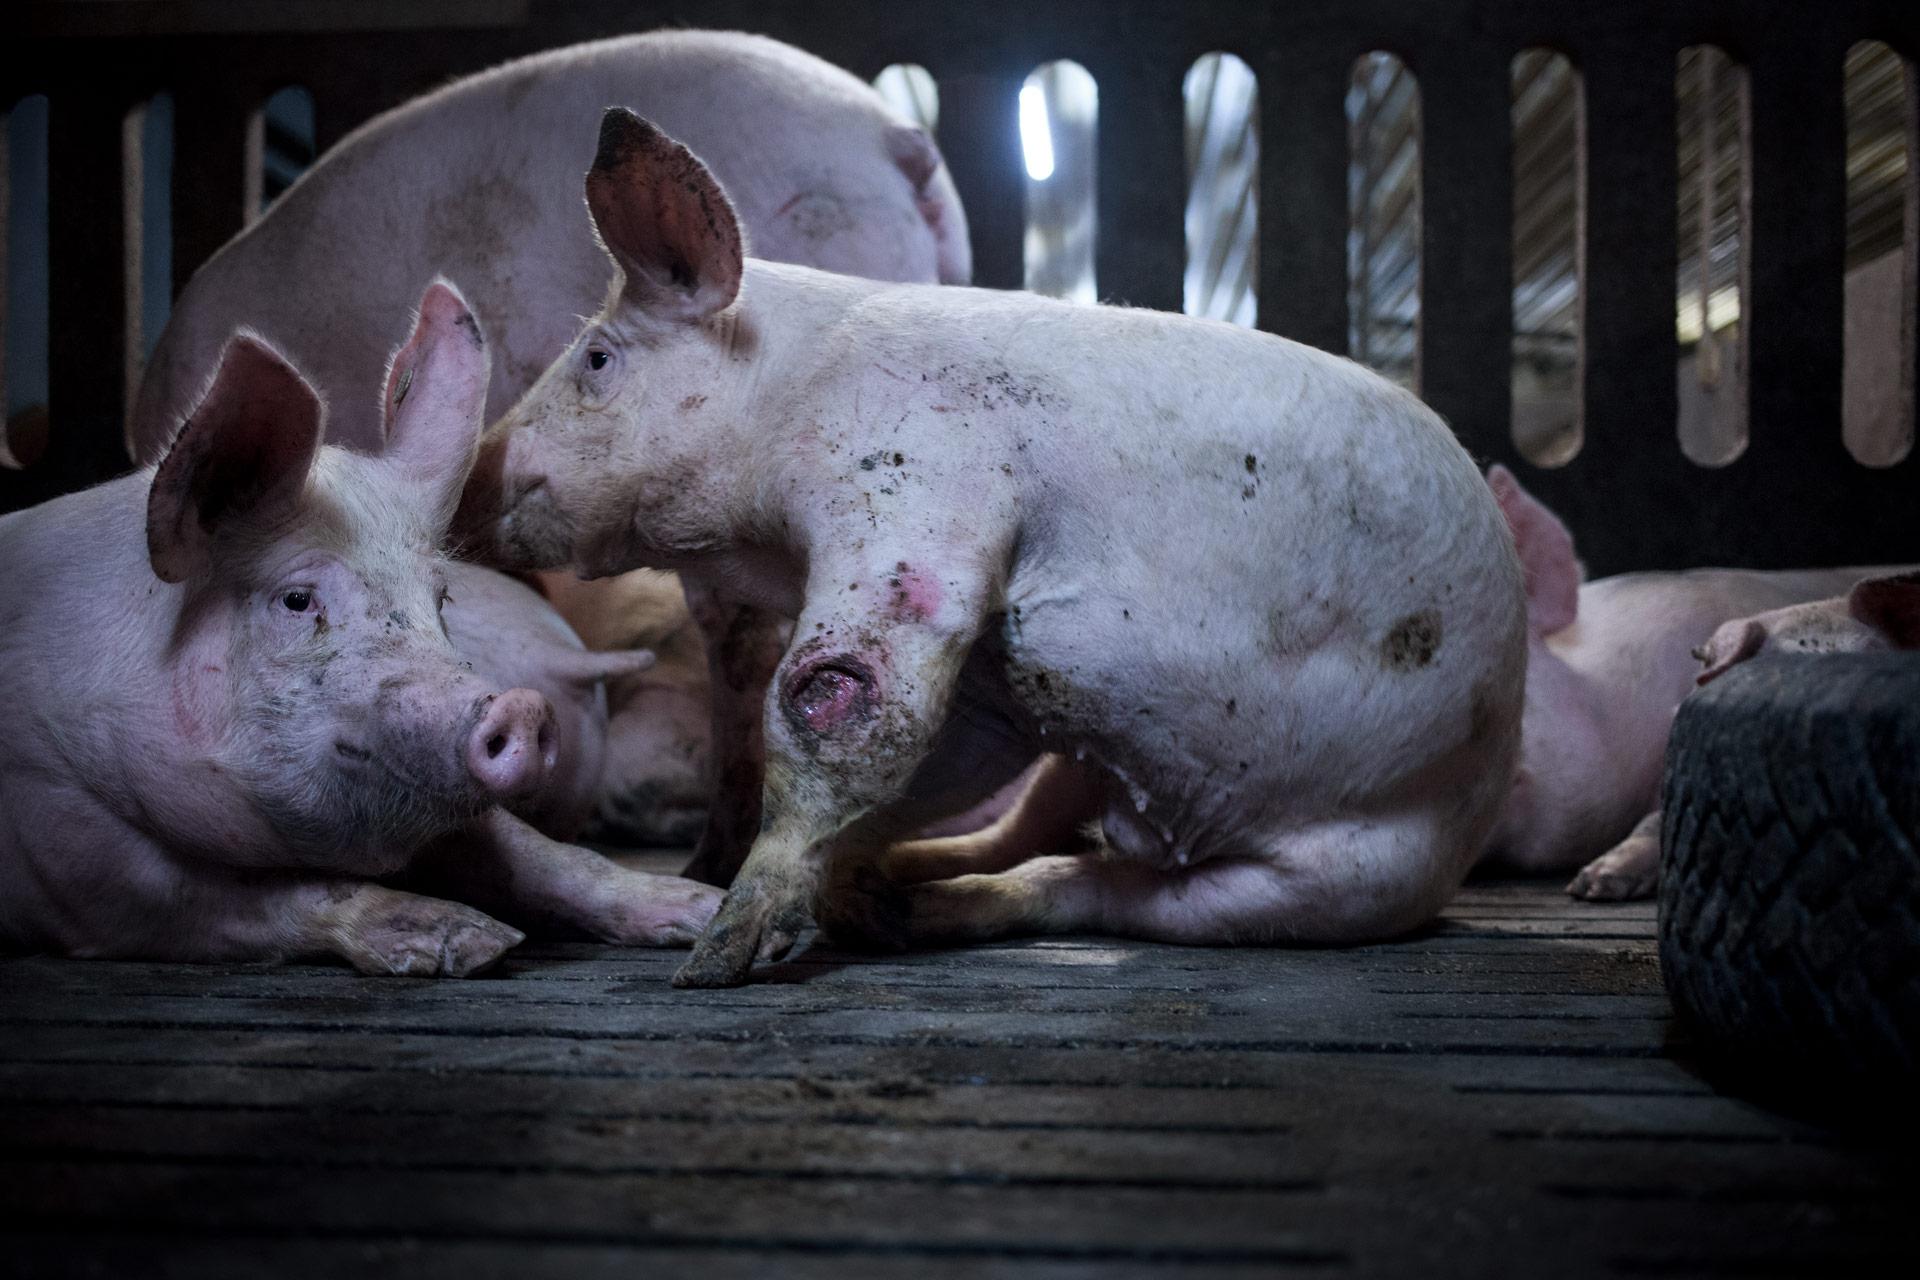 timo-stammberger-massentierhaltung-mastanlage-factory-farming-schweine-pigs-animal-rights_16